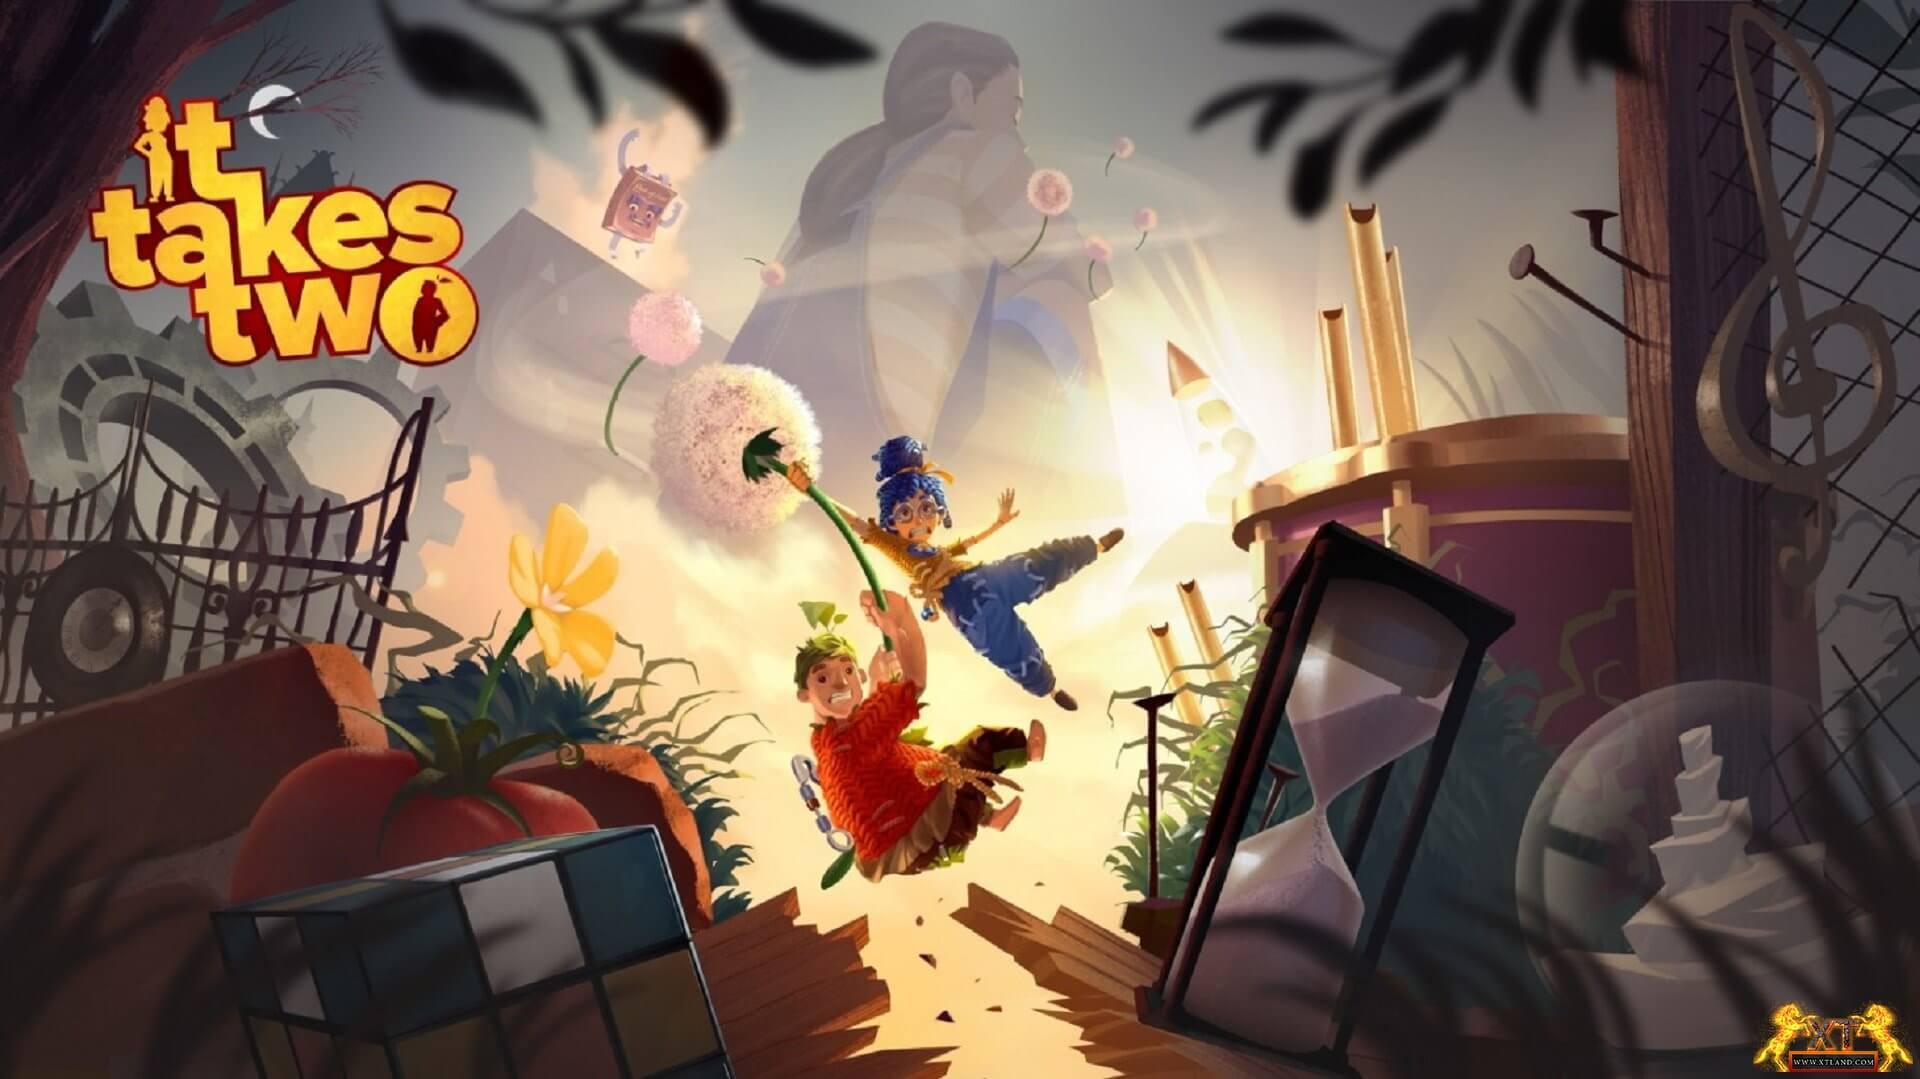 فروش بازی It Takes Two به بیش از 2 میلیون نسخه رسید!